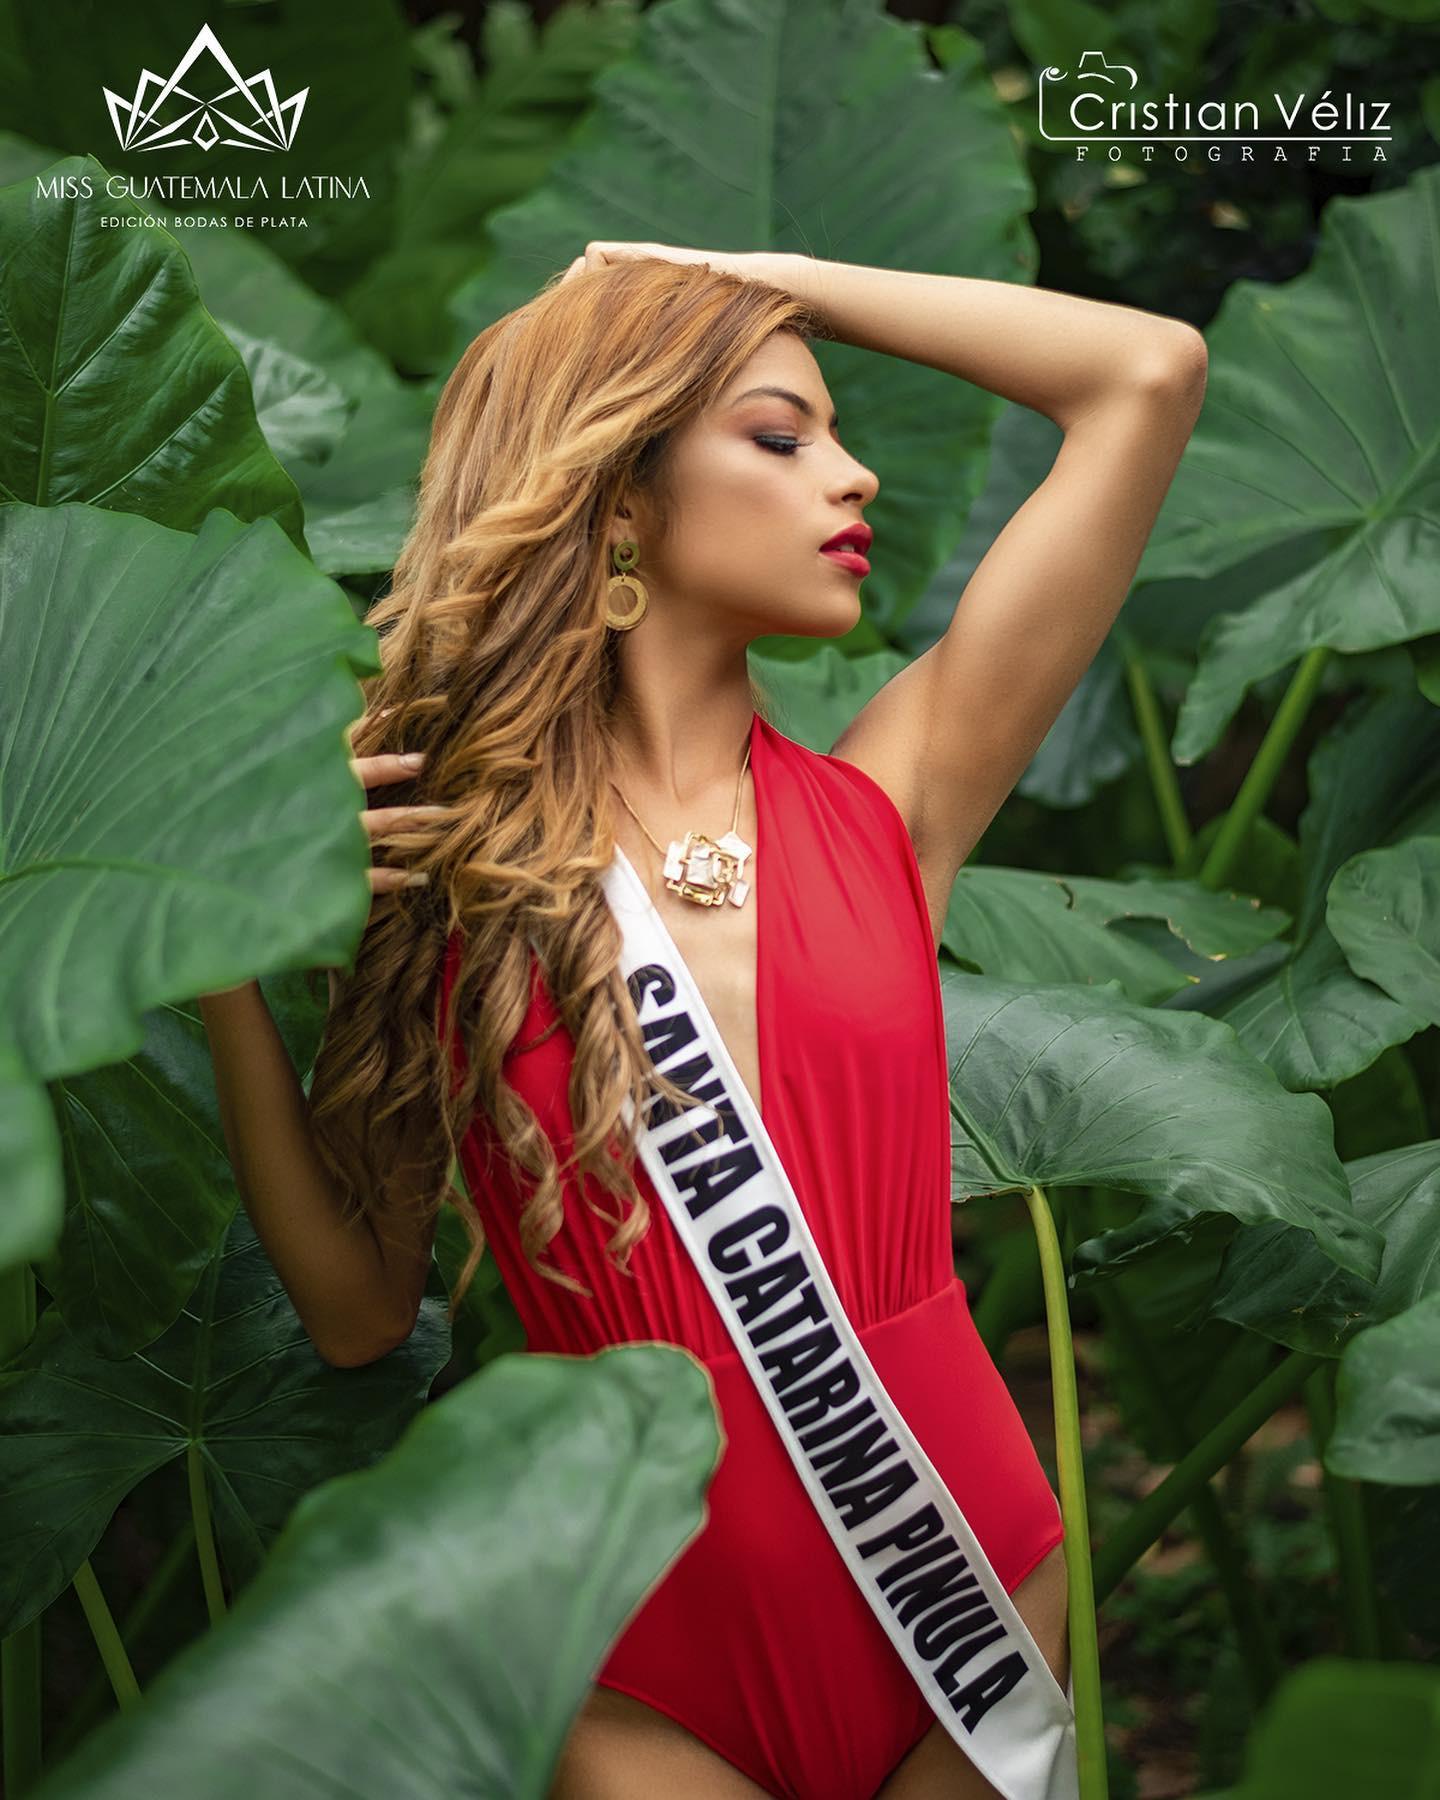 candidatas a miss guatemala latina 2021. final: 30 de abril. - Página 5 B3AVpe